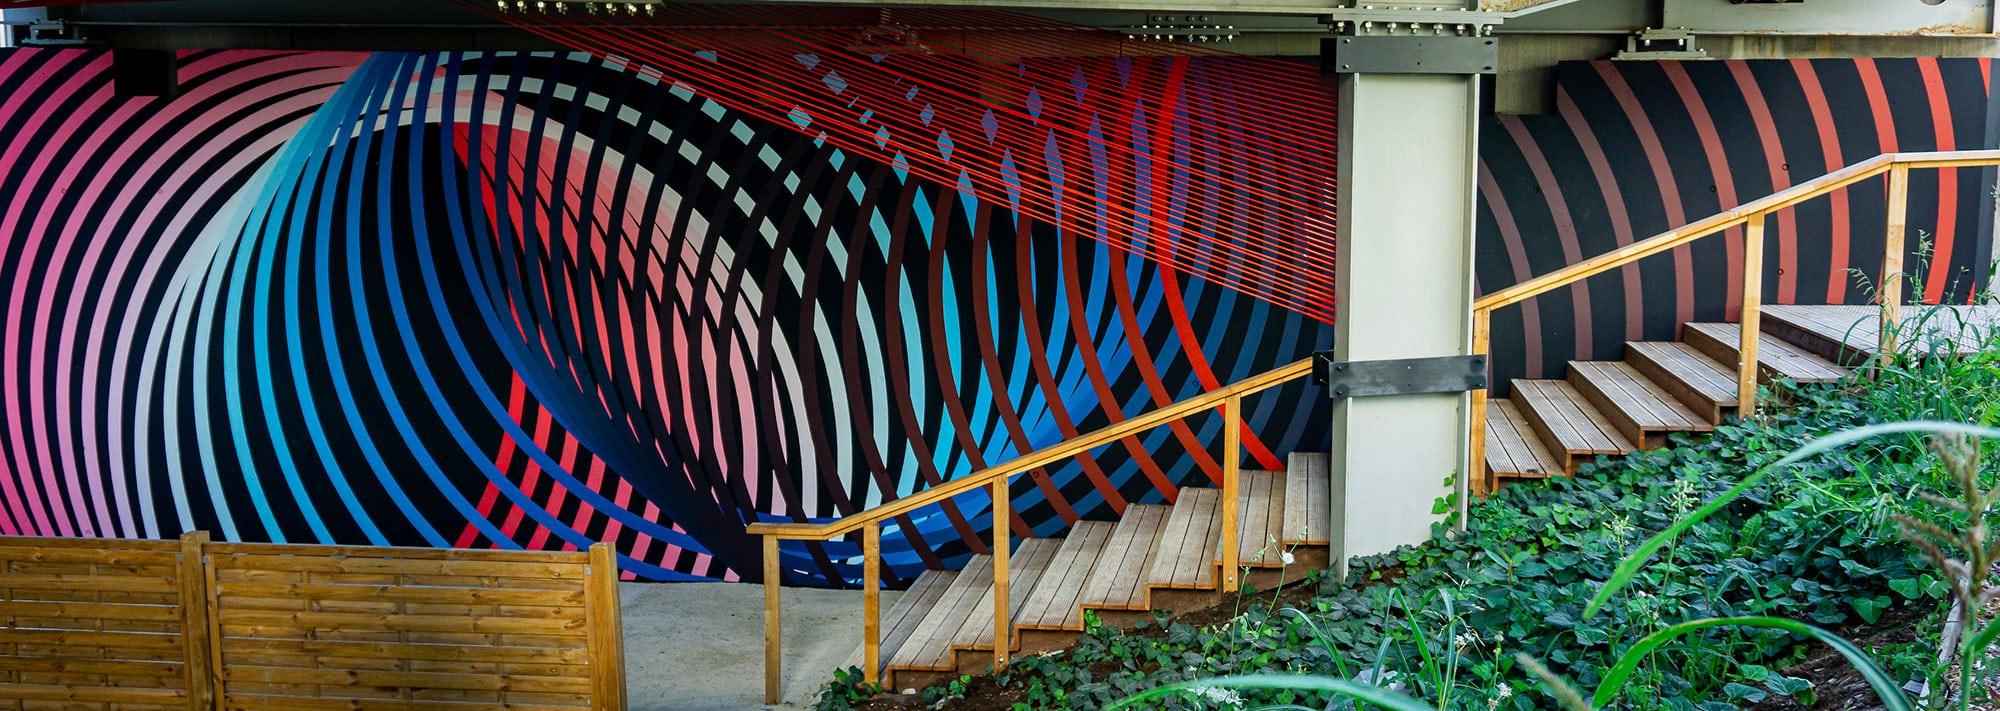 Street Artiste : Sébastien Preschoux